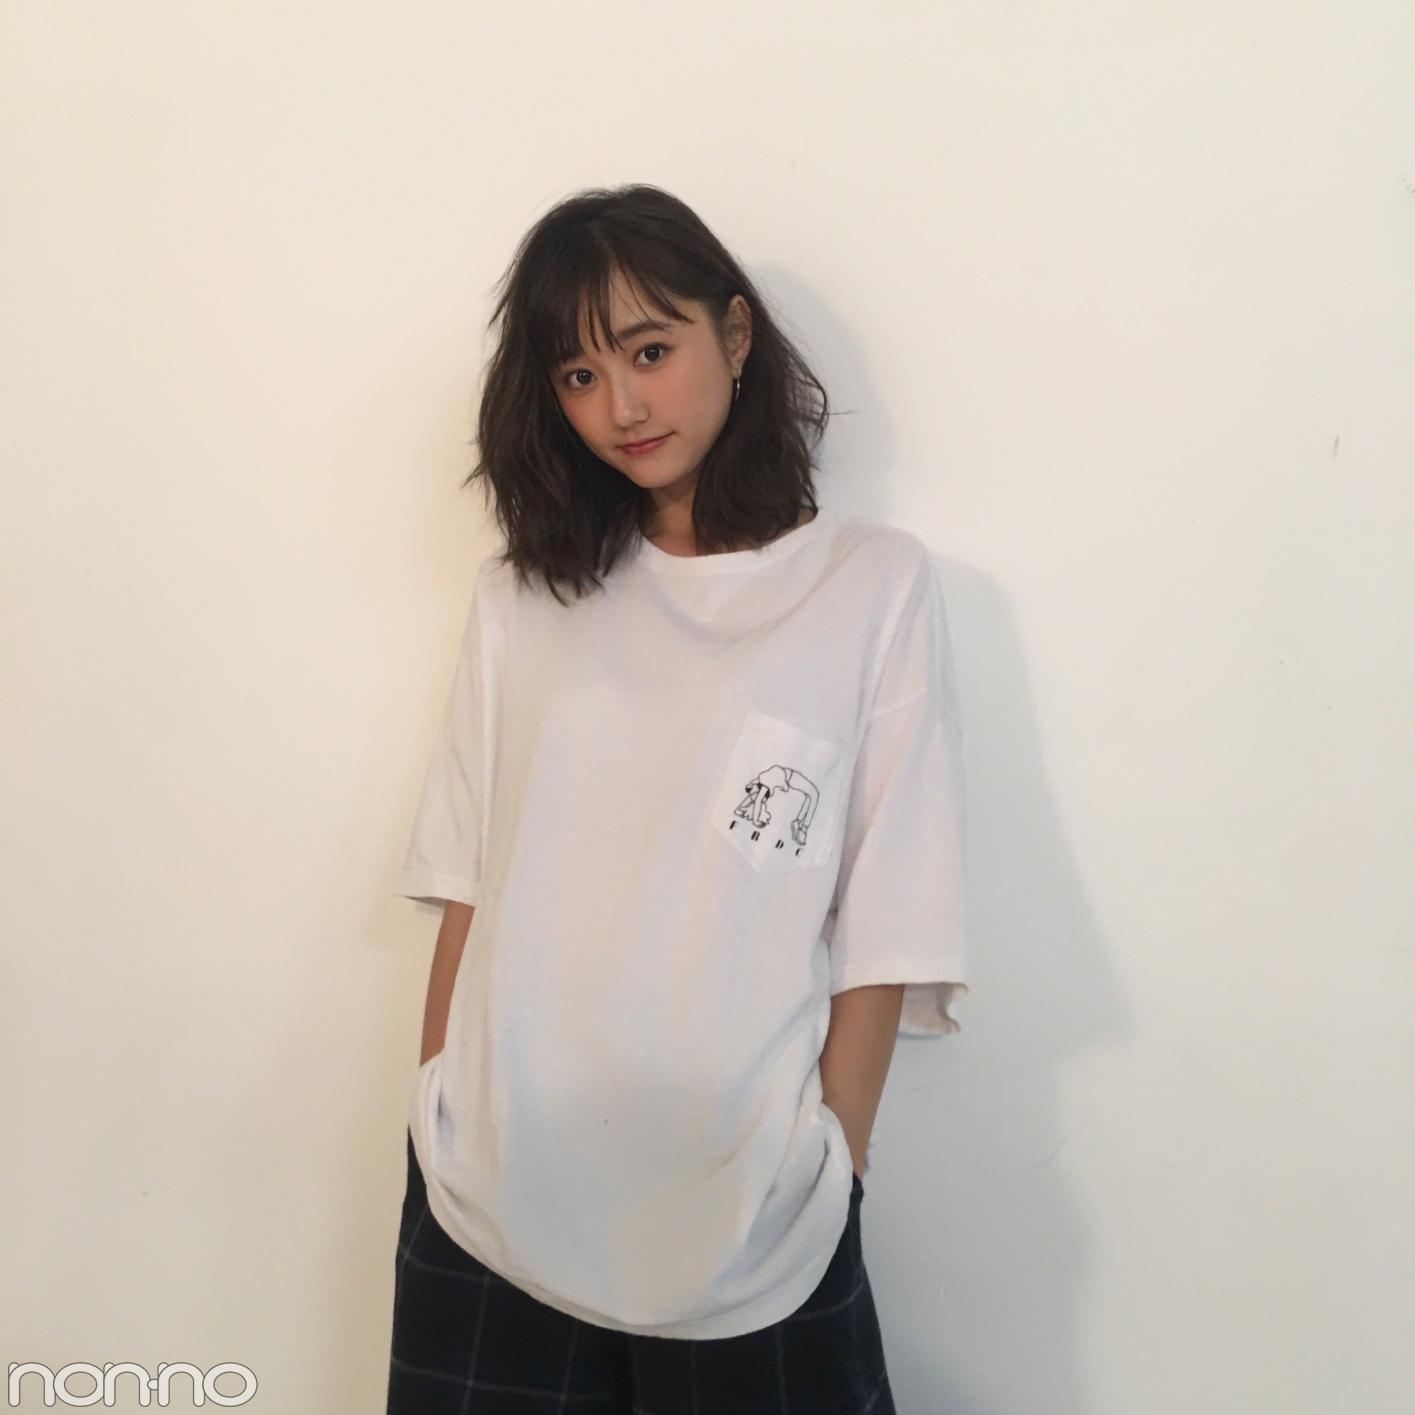 鈴木友菜はチェルシーのコートで秋色ゆるコーデ♡【モデルの私服】_1_2-1